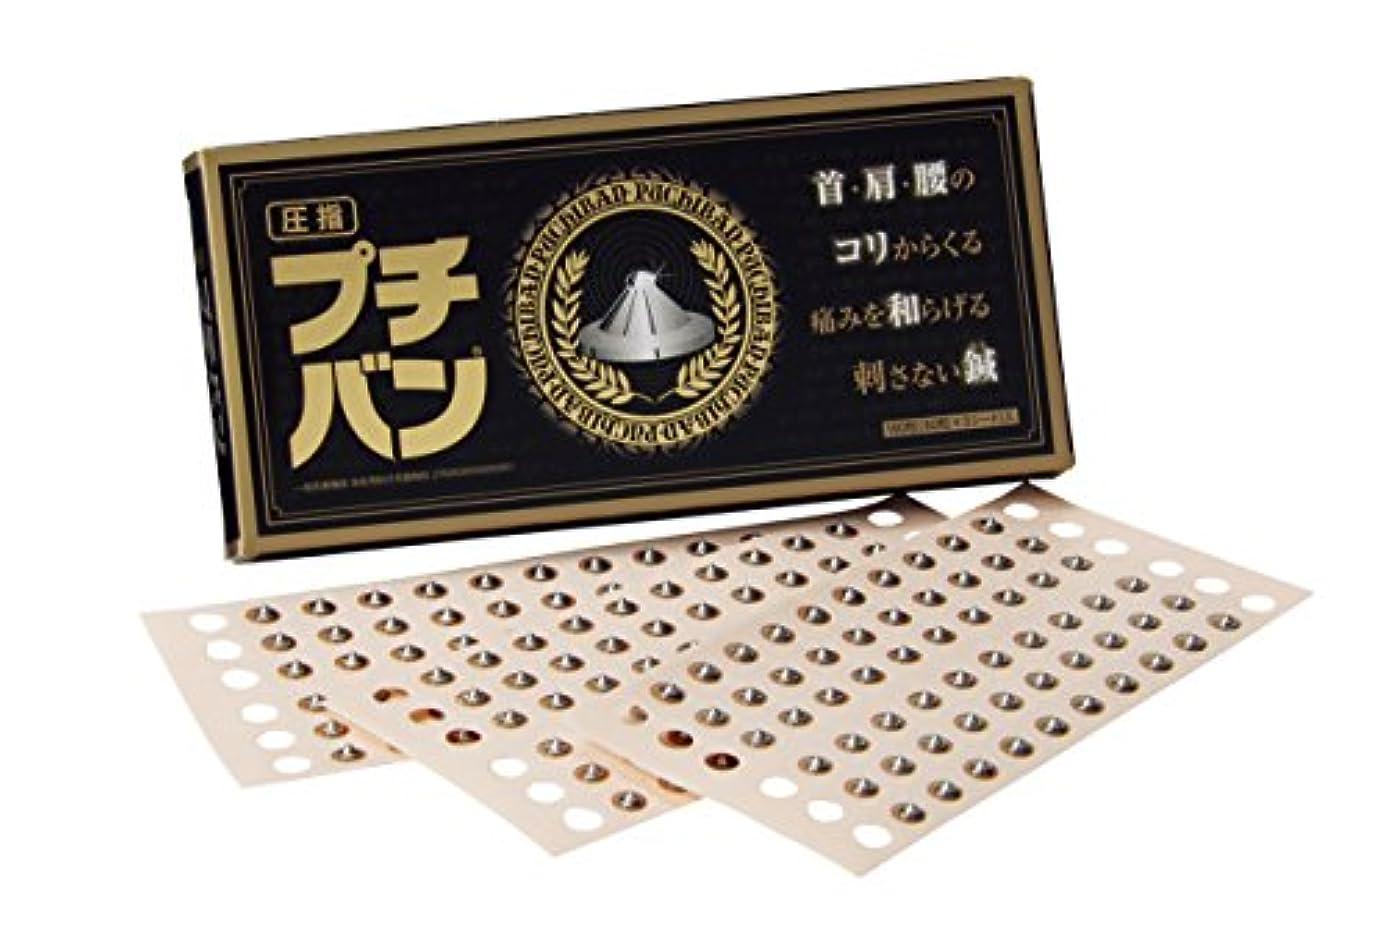 香り口述どちらか一般医療機器 家庭用貼付型接触粒 プチバン 180粒入 黒金パッケージ